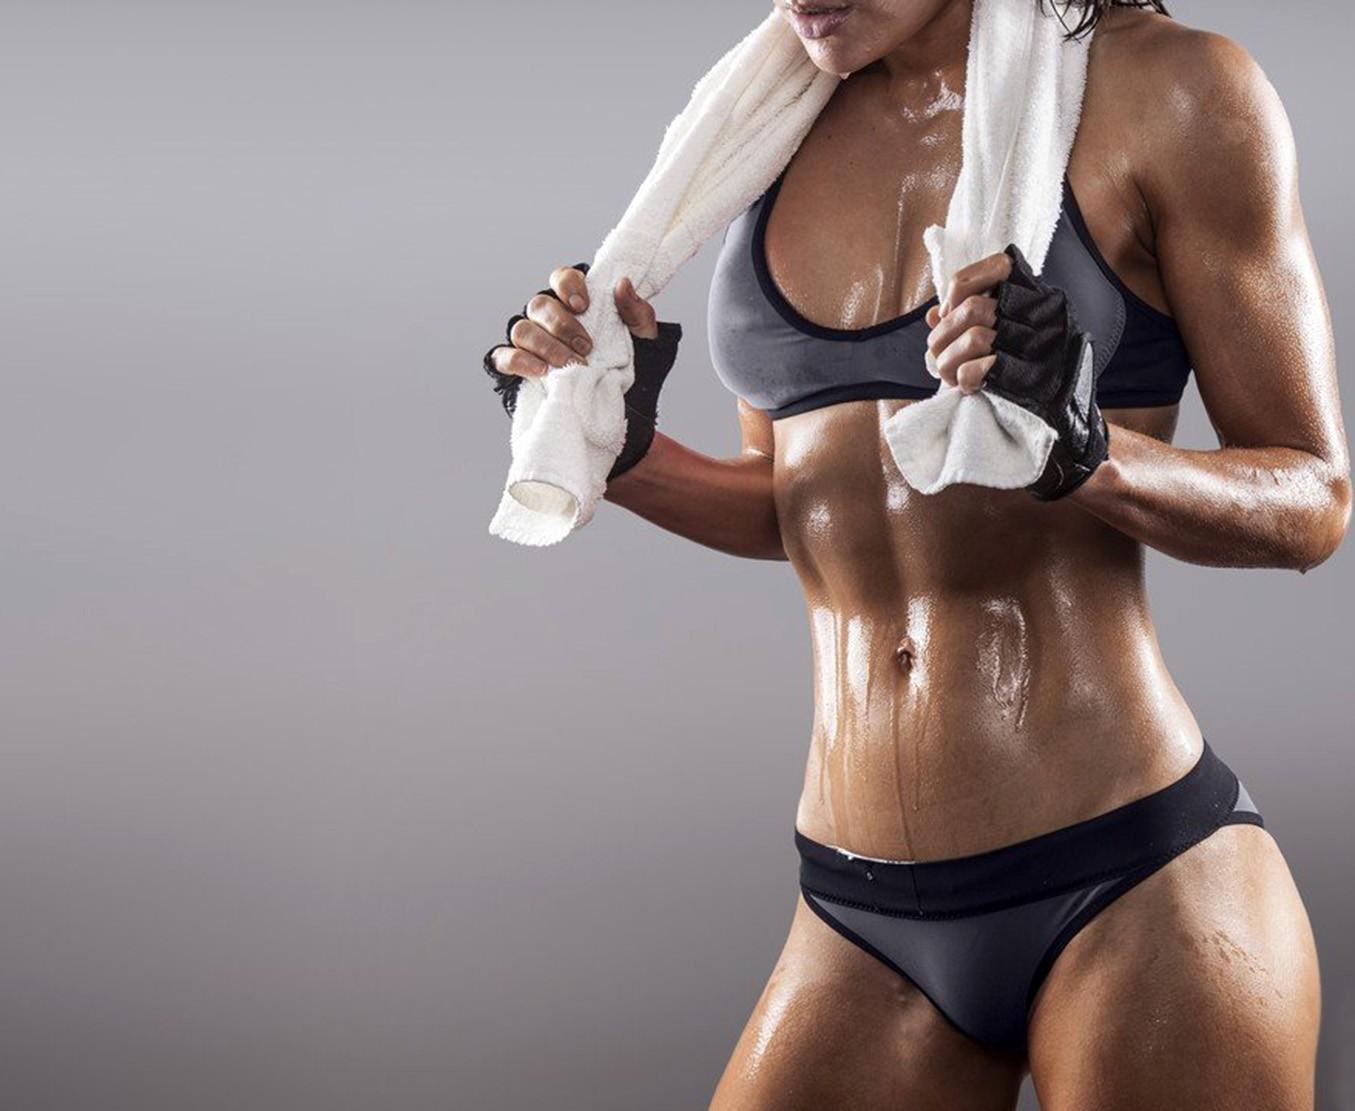 Сушка тела для мужчин: программа тренировок и питание